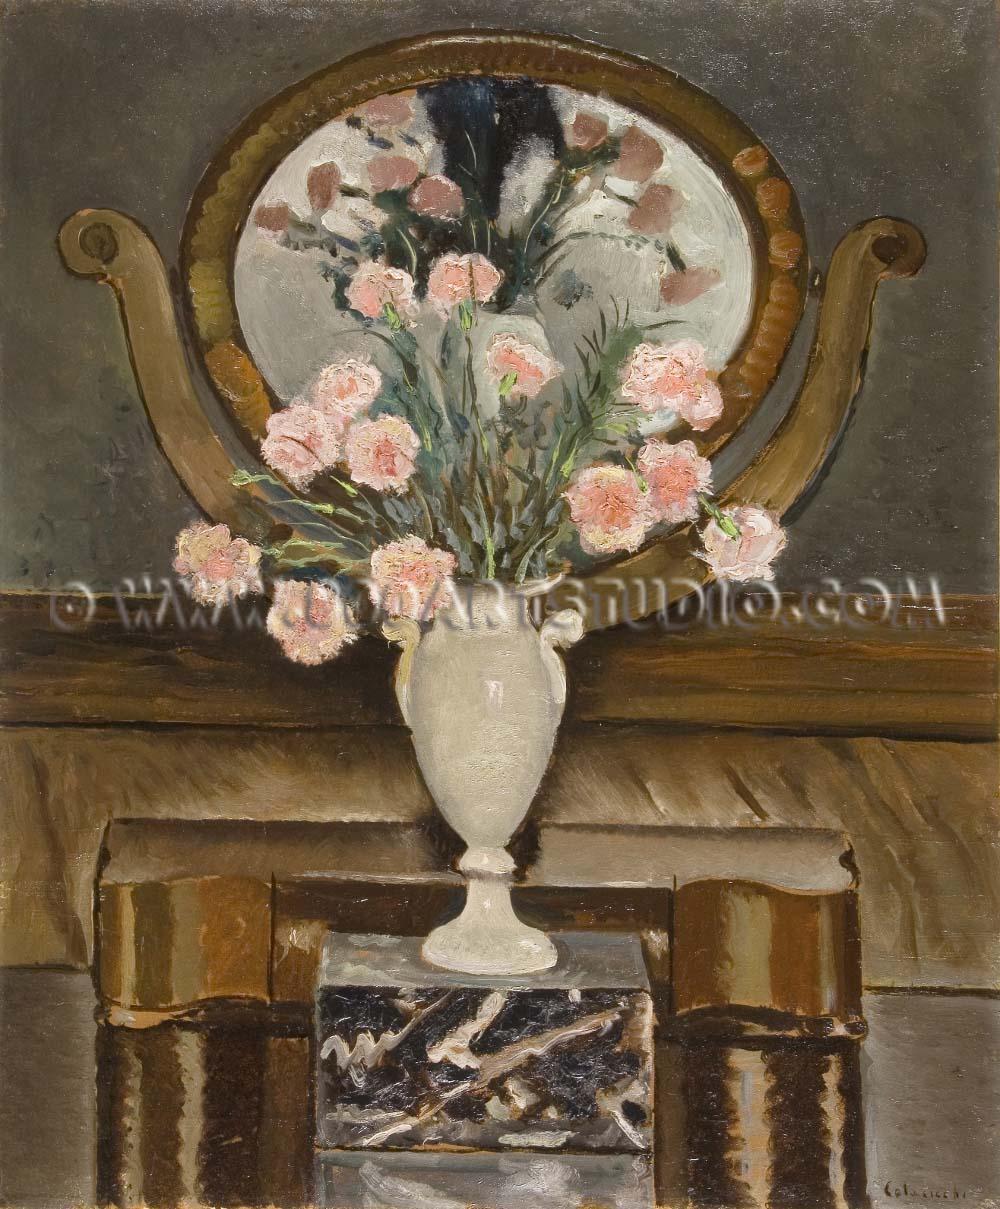 Giovanni Colacicchi - The white pot